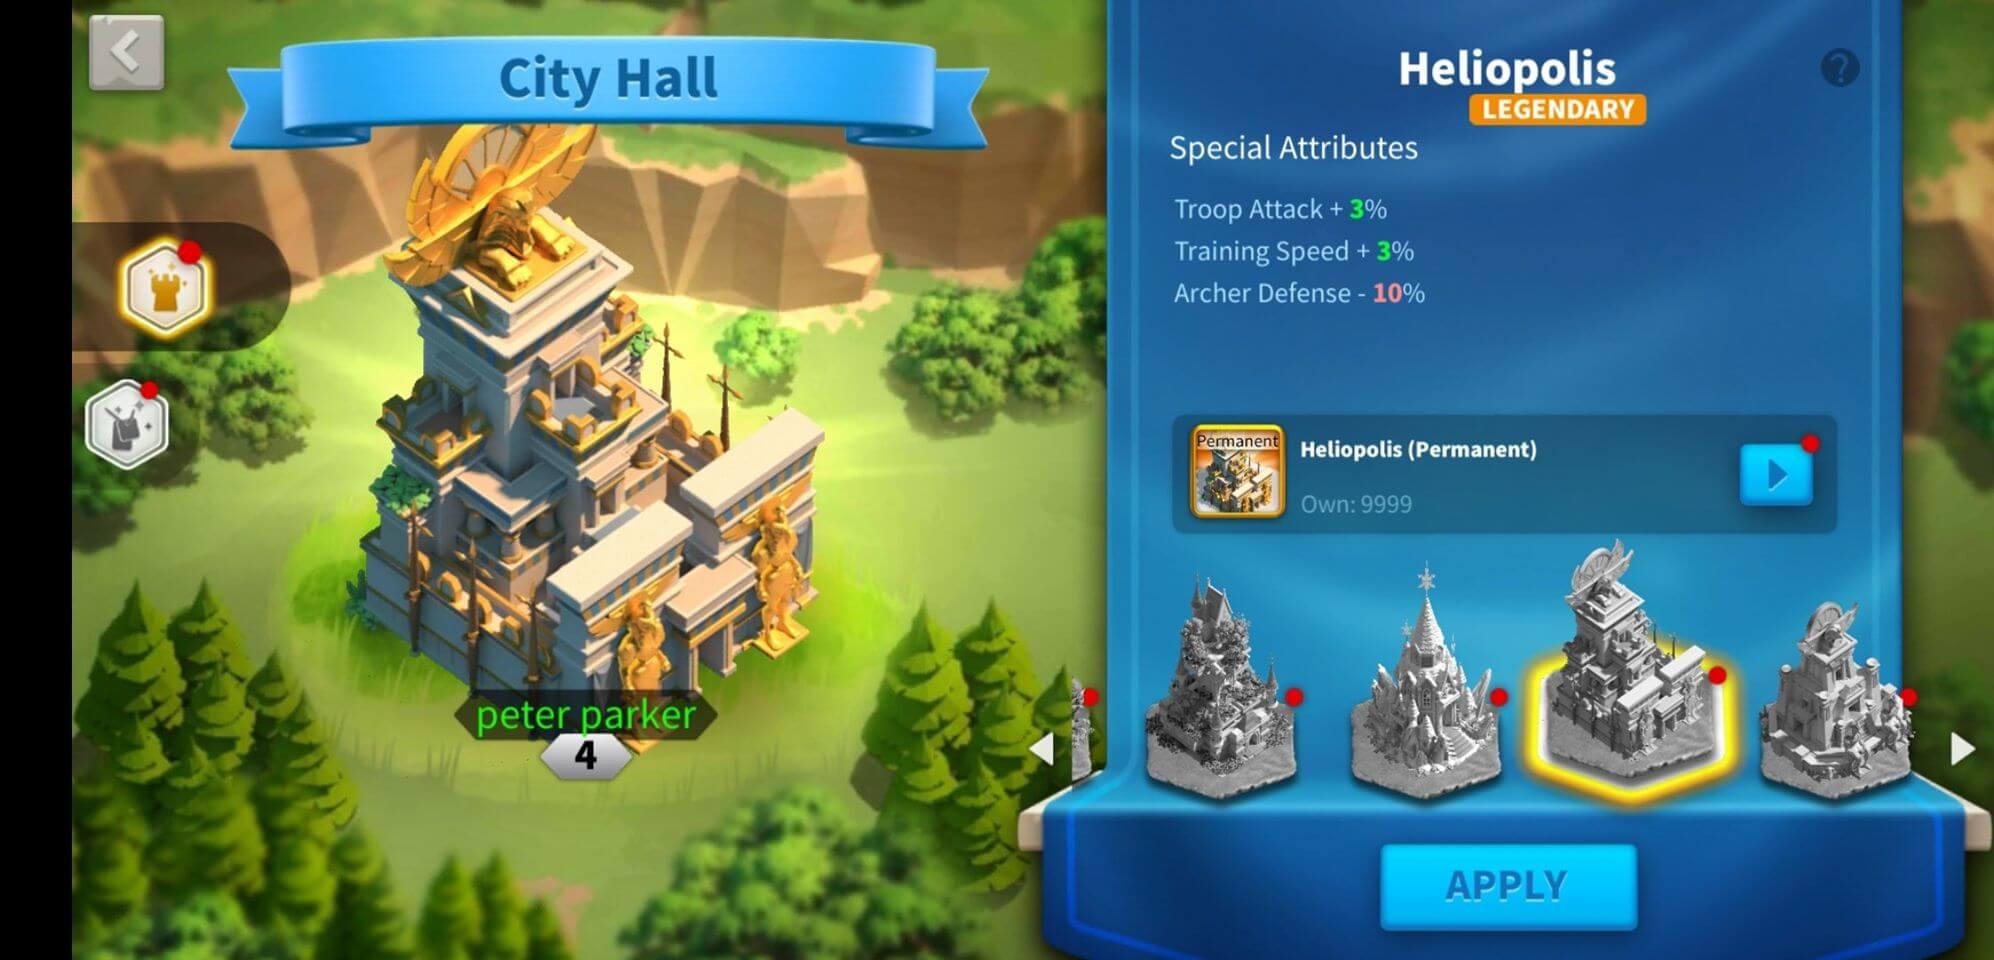 heliopolis theme